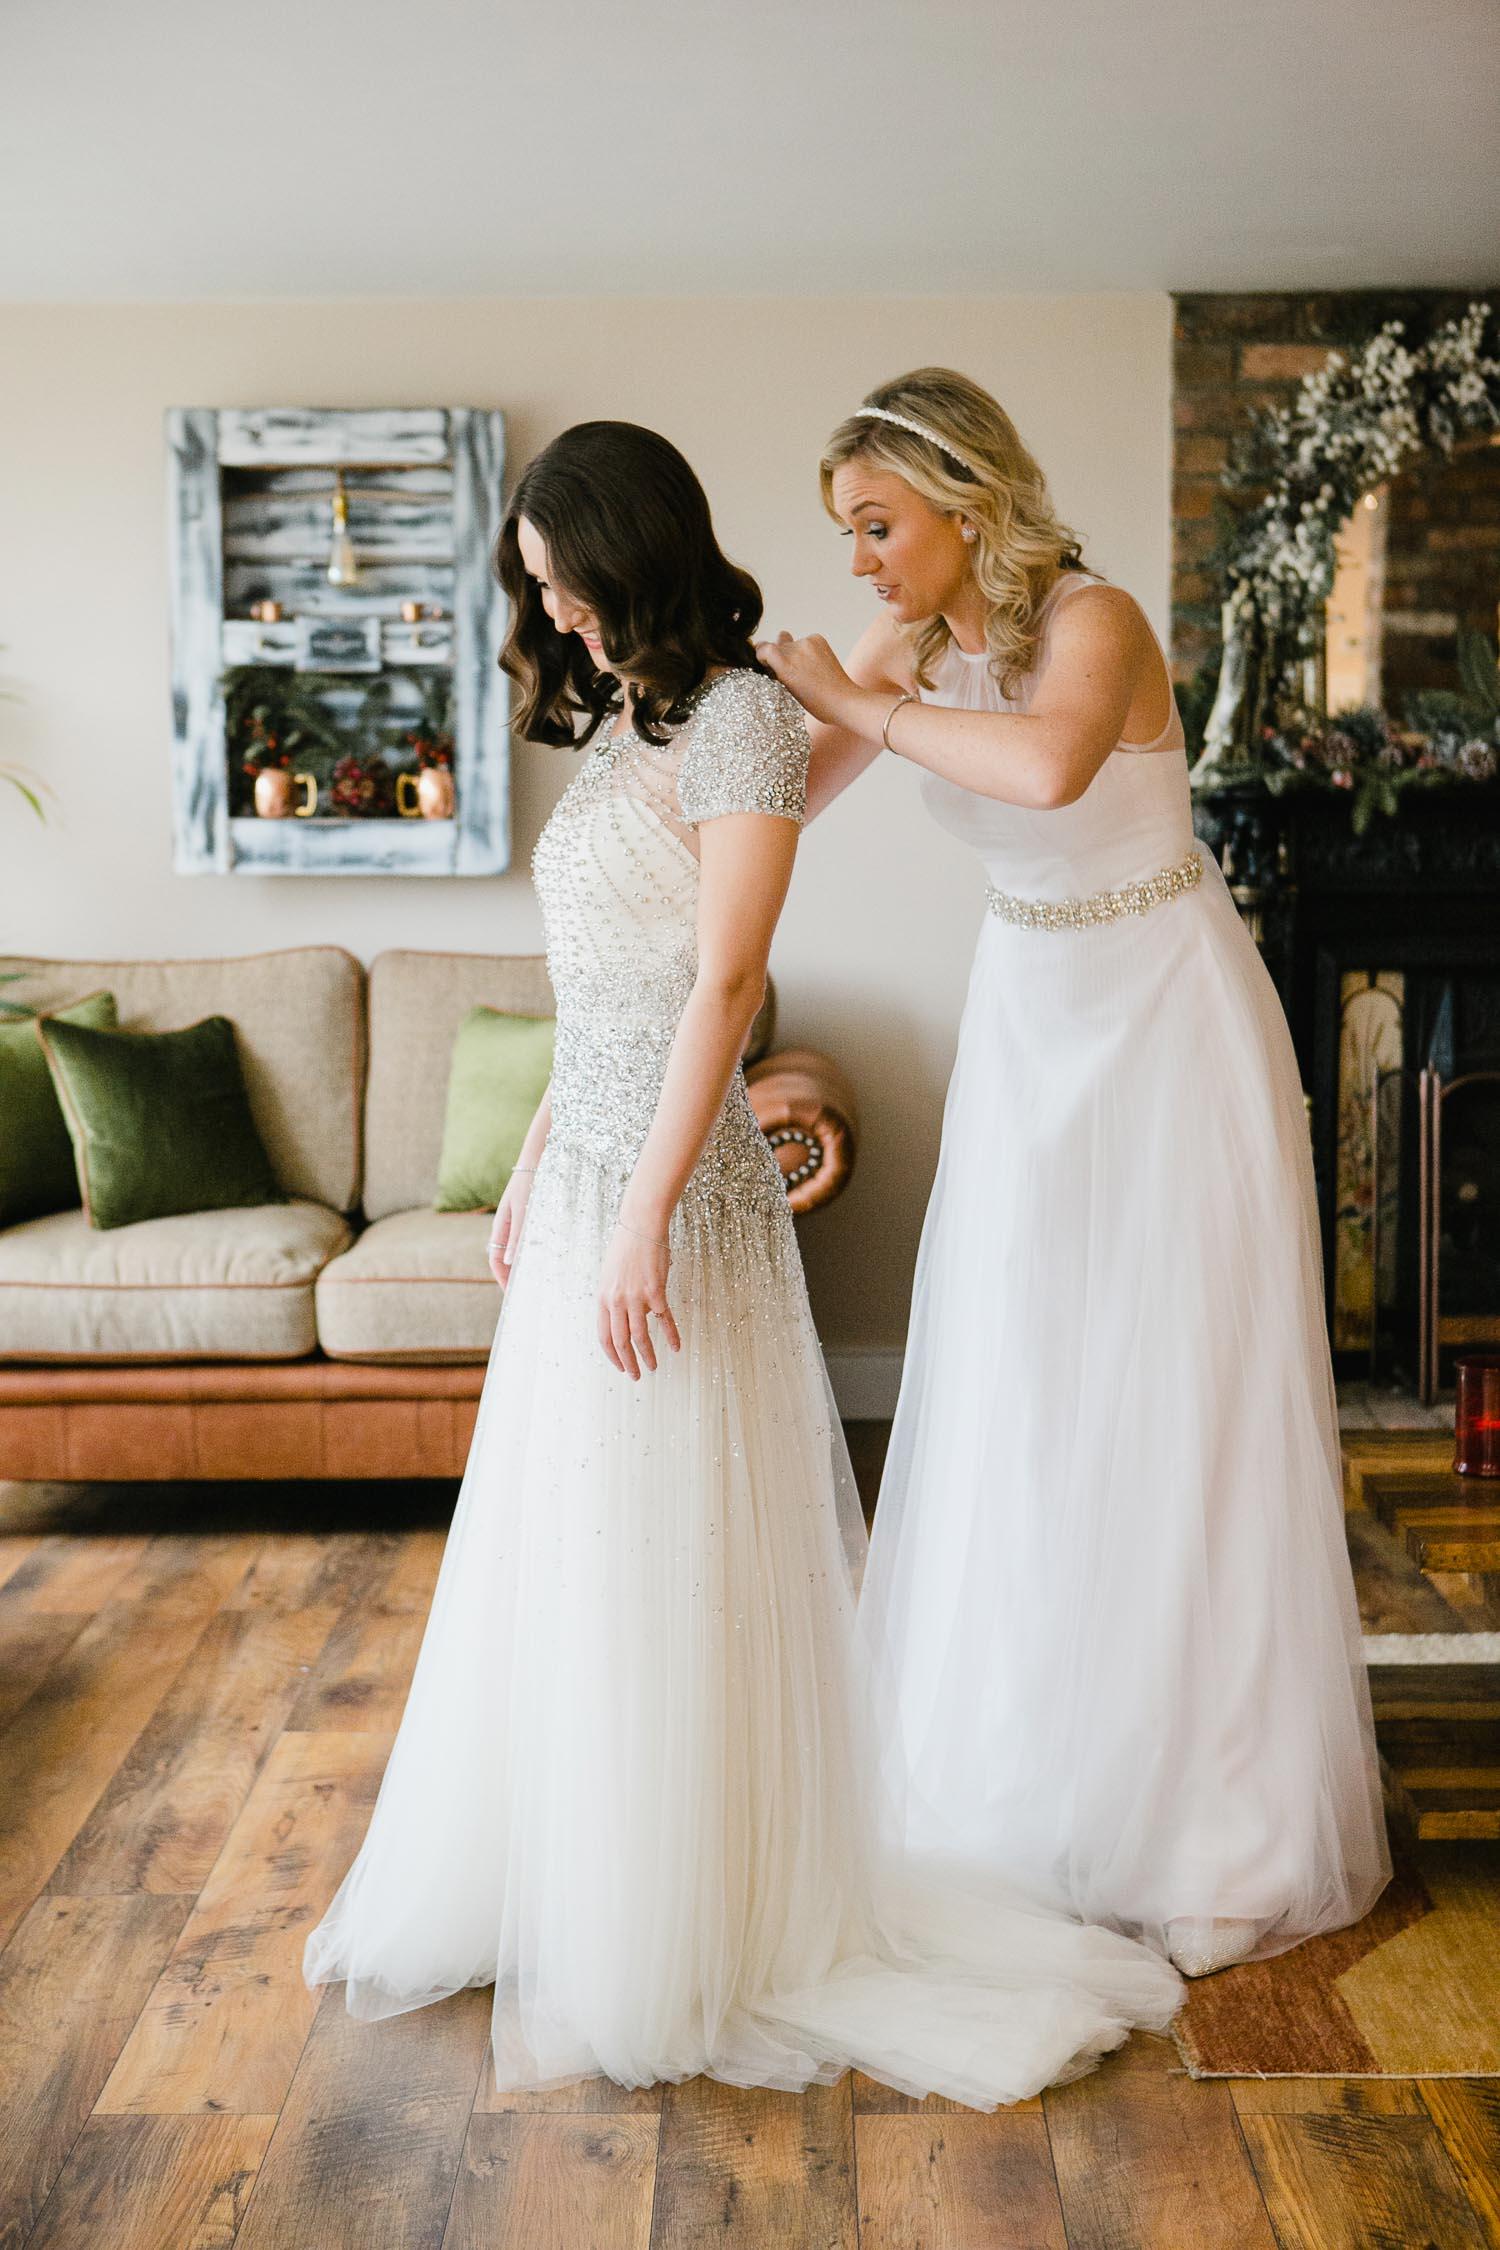 Jenny Packham Dress For Winter Wedding